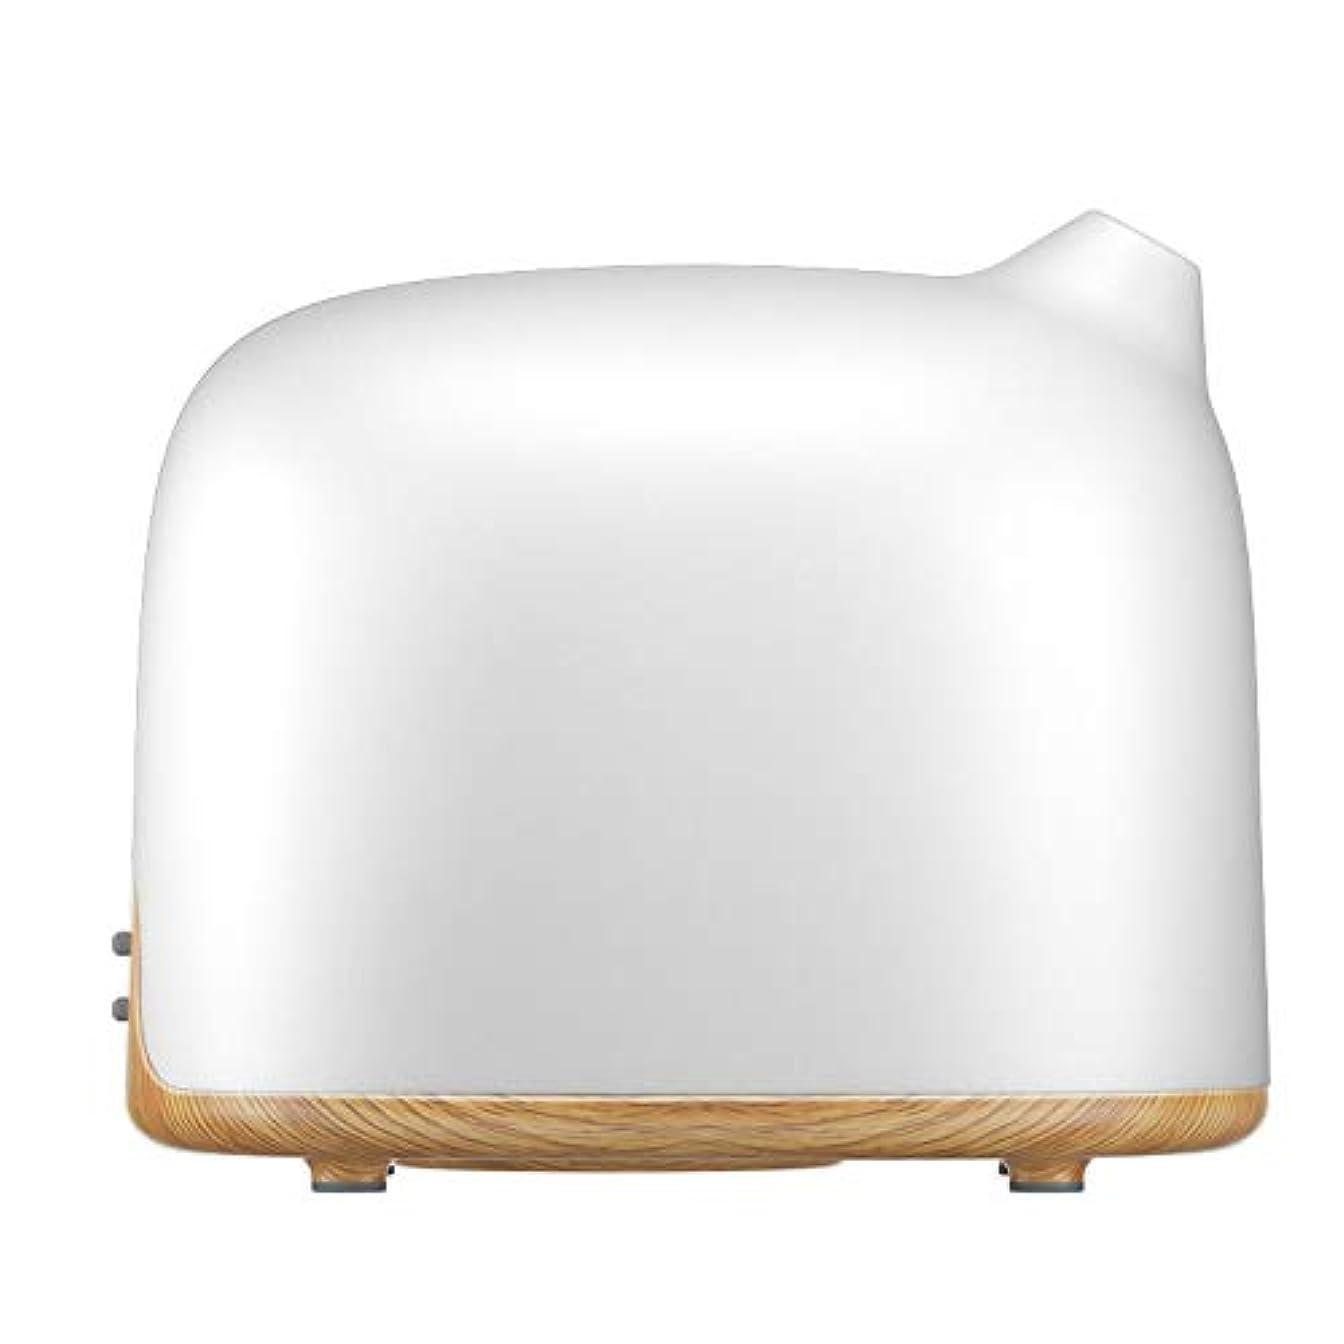 禁じる称賛相手スマートWi-Fiエッセンシャルオイルディフューザー500 mlアロマセラピー加湿器寝室とオフィスでリラックスした雰囲気のためより良い睡眠&呼吸,Lightwoodgrain,EUplug